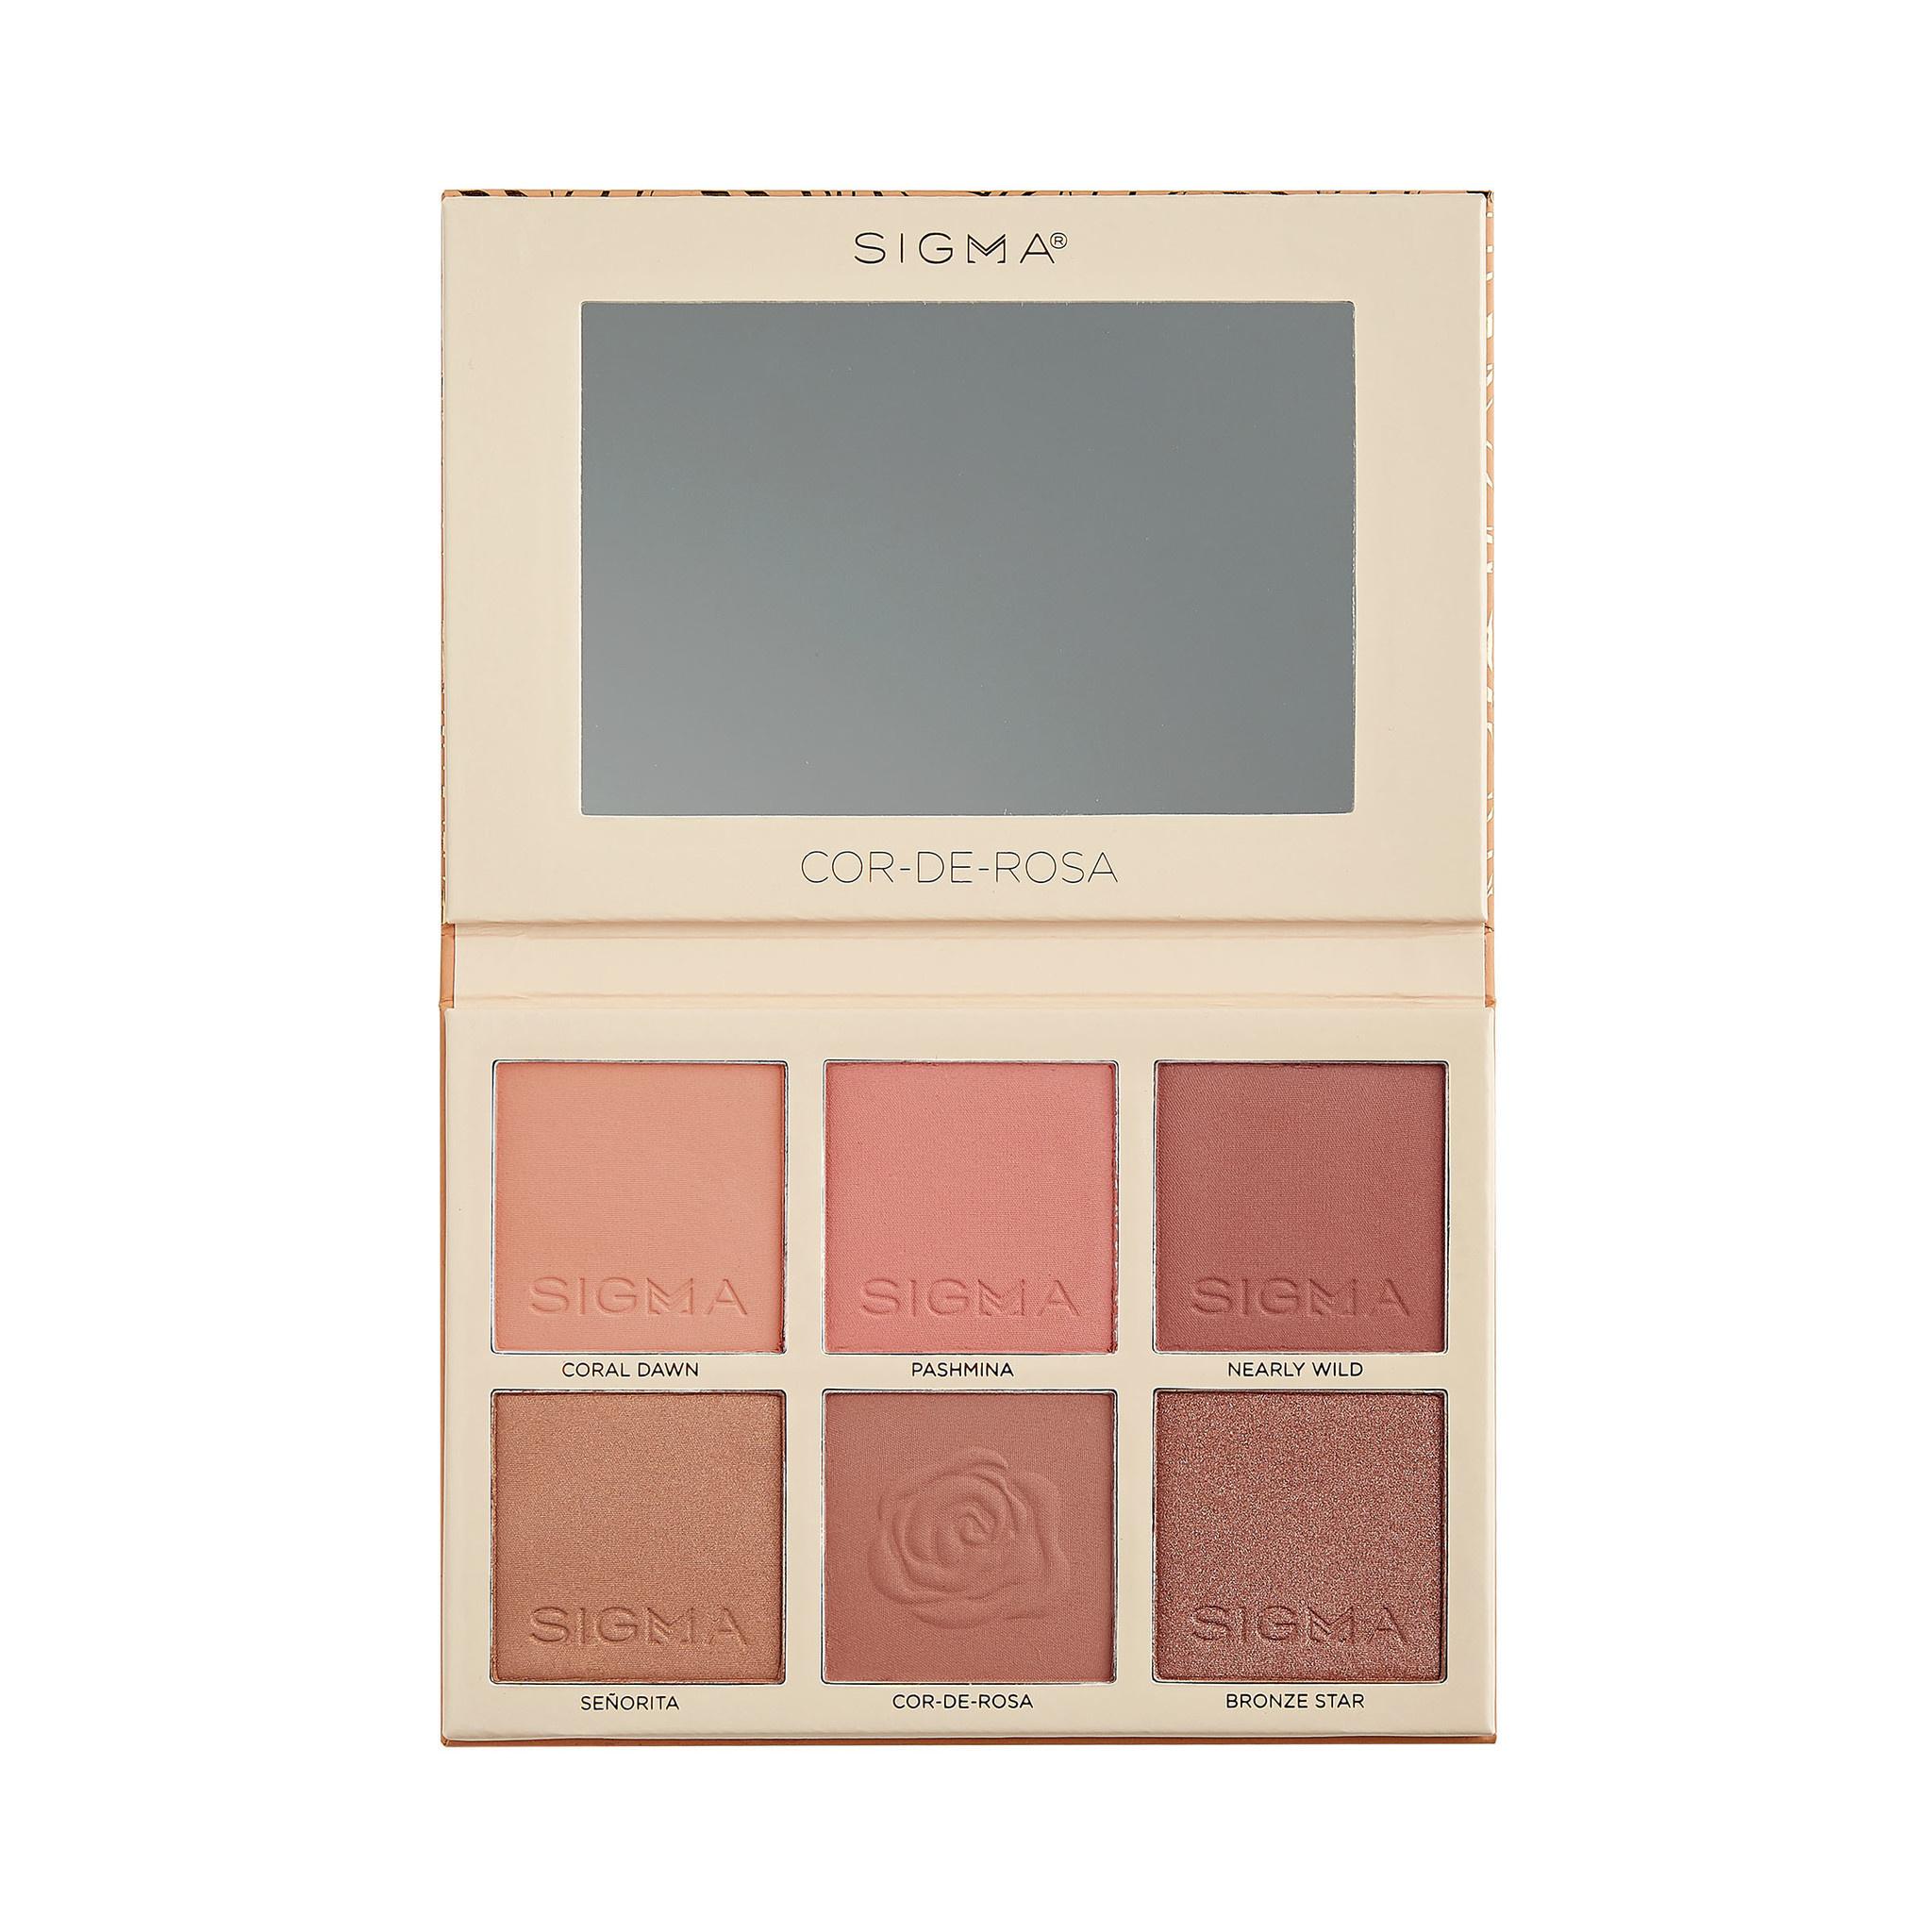 Sigma Beauty Cor de Rosa Blush Palette